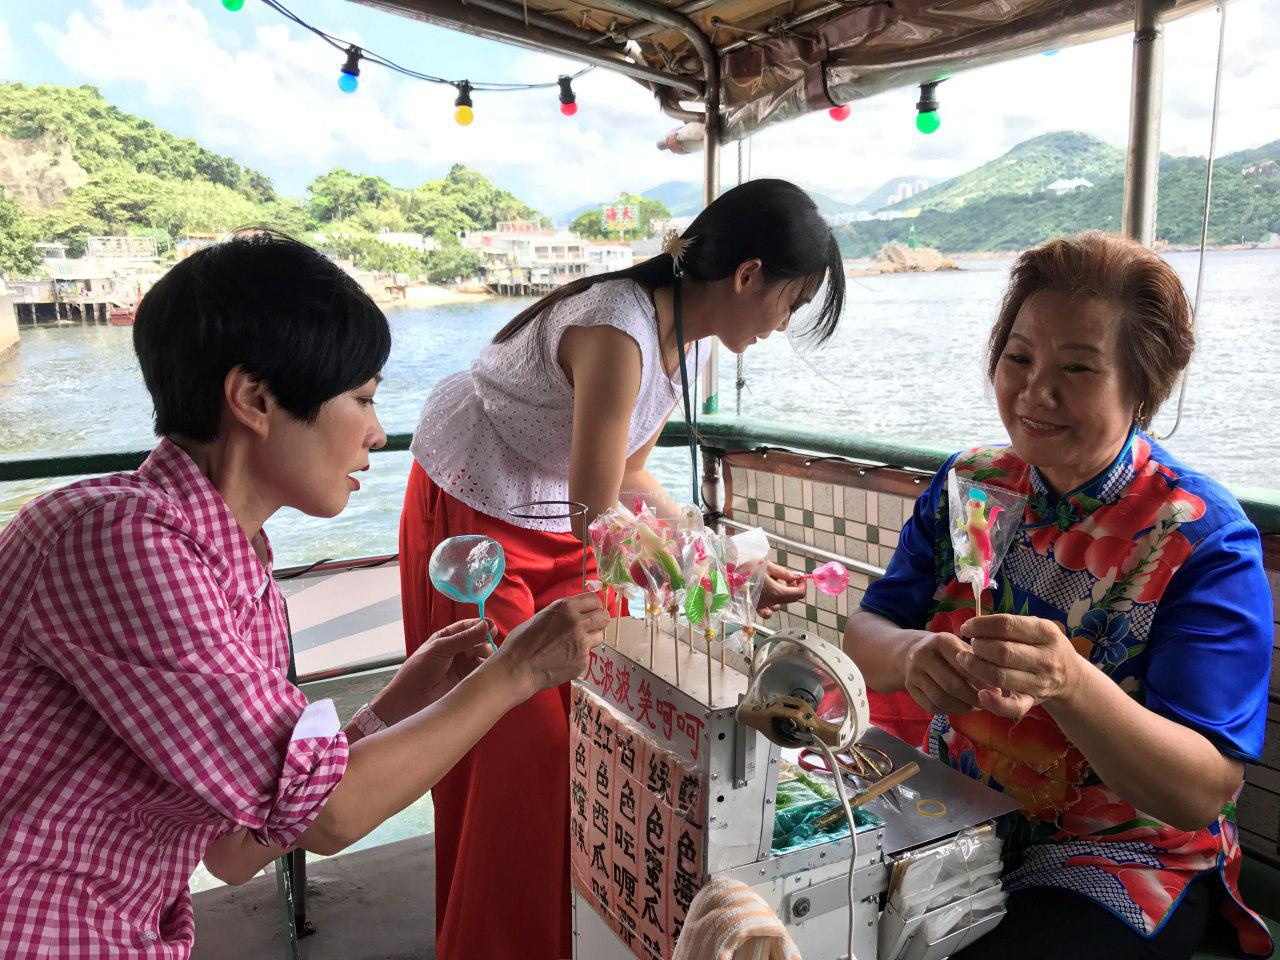 譚玉瑛很認真的聽糖姨教導如何吹波波糖。(王文君/大紀元)